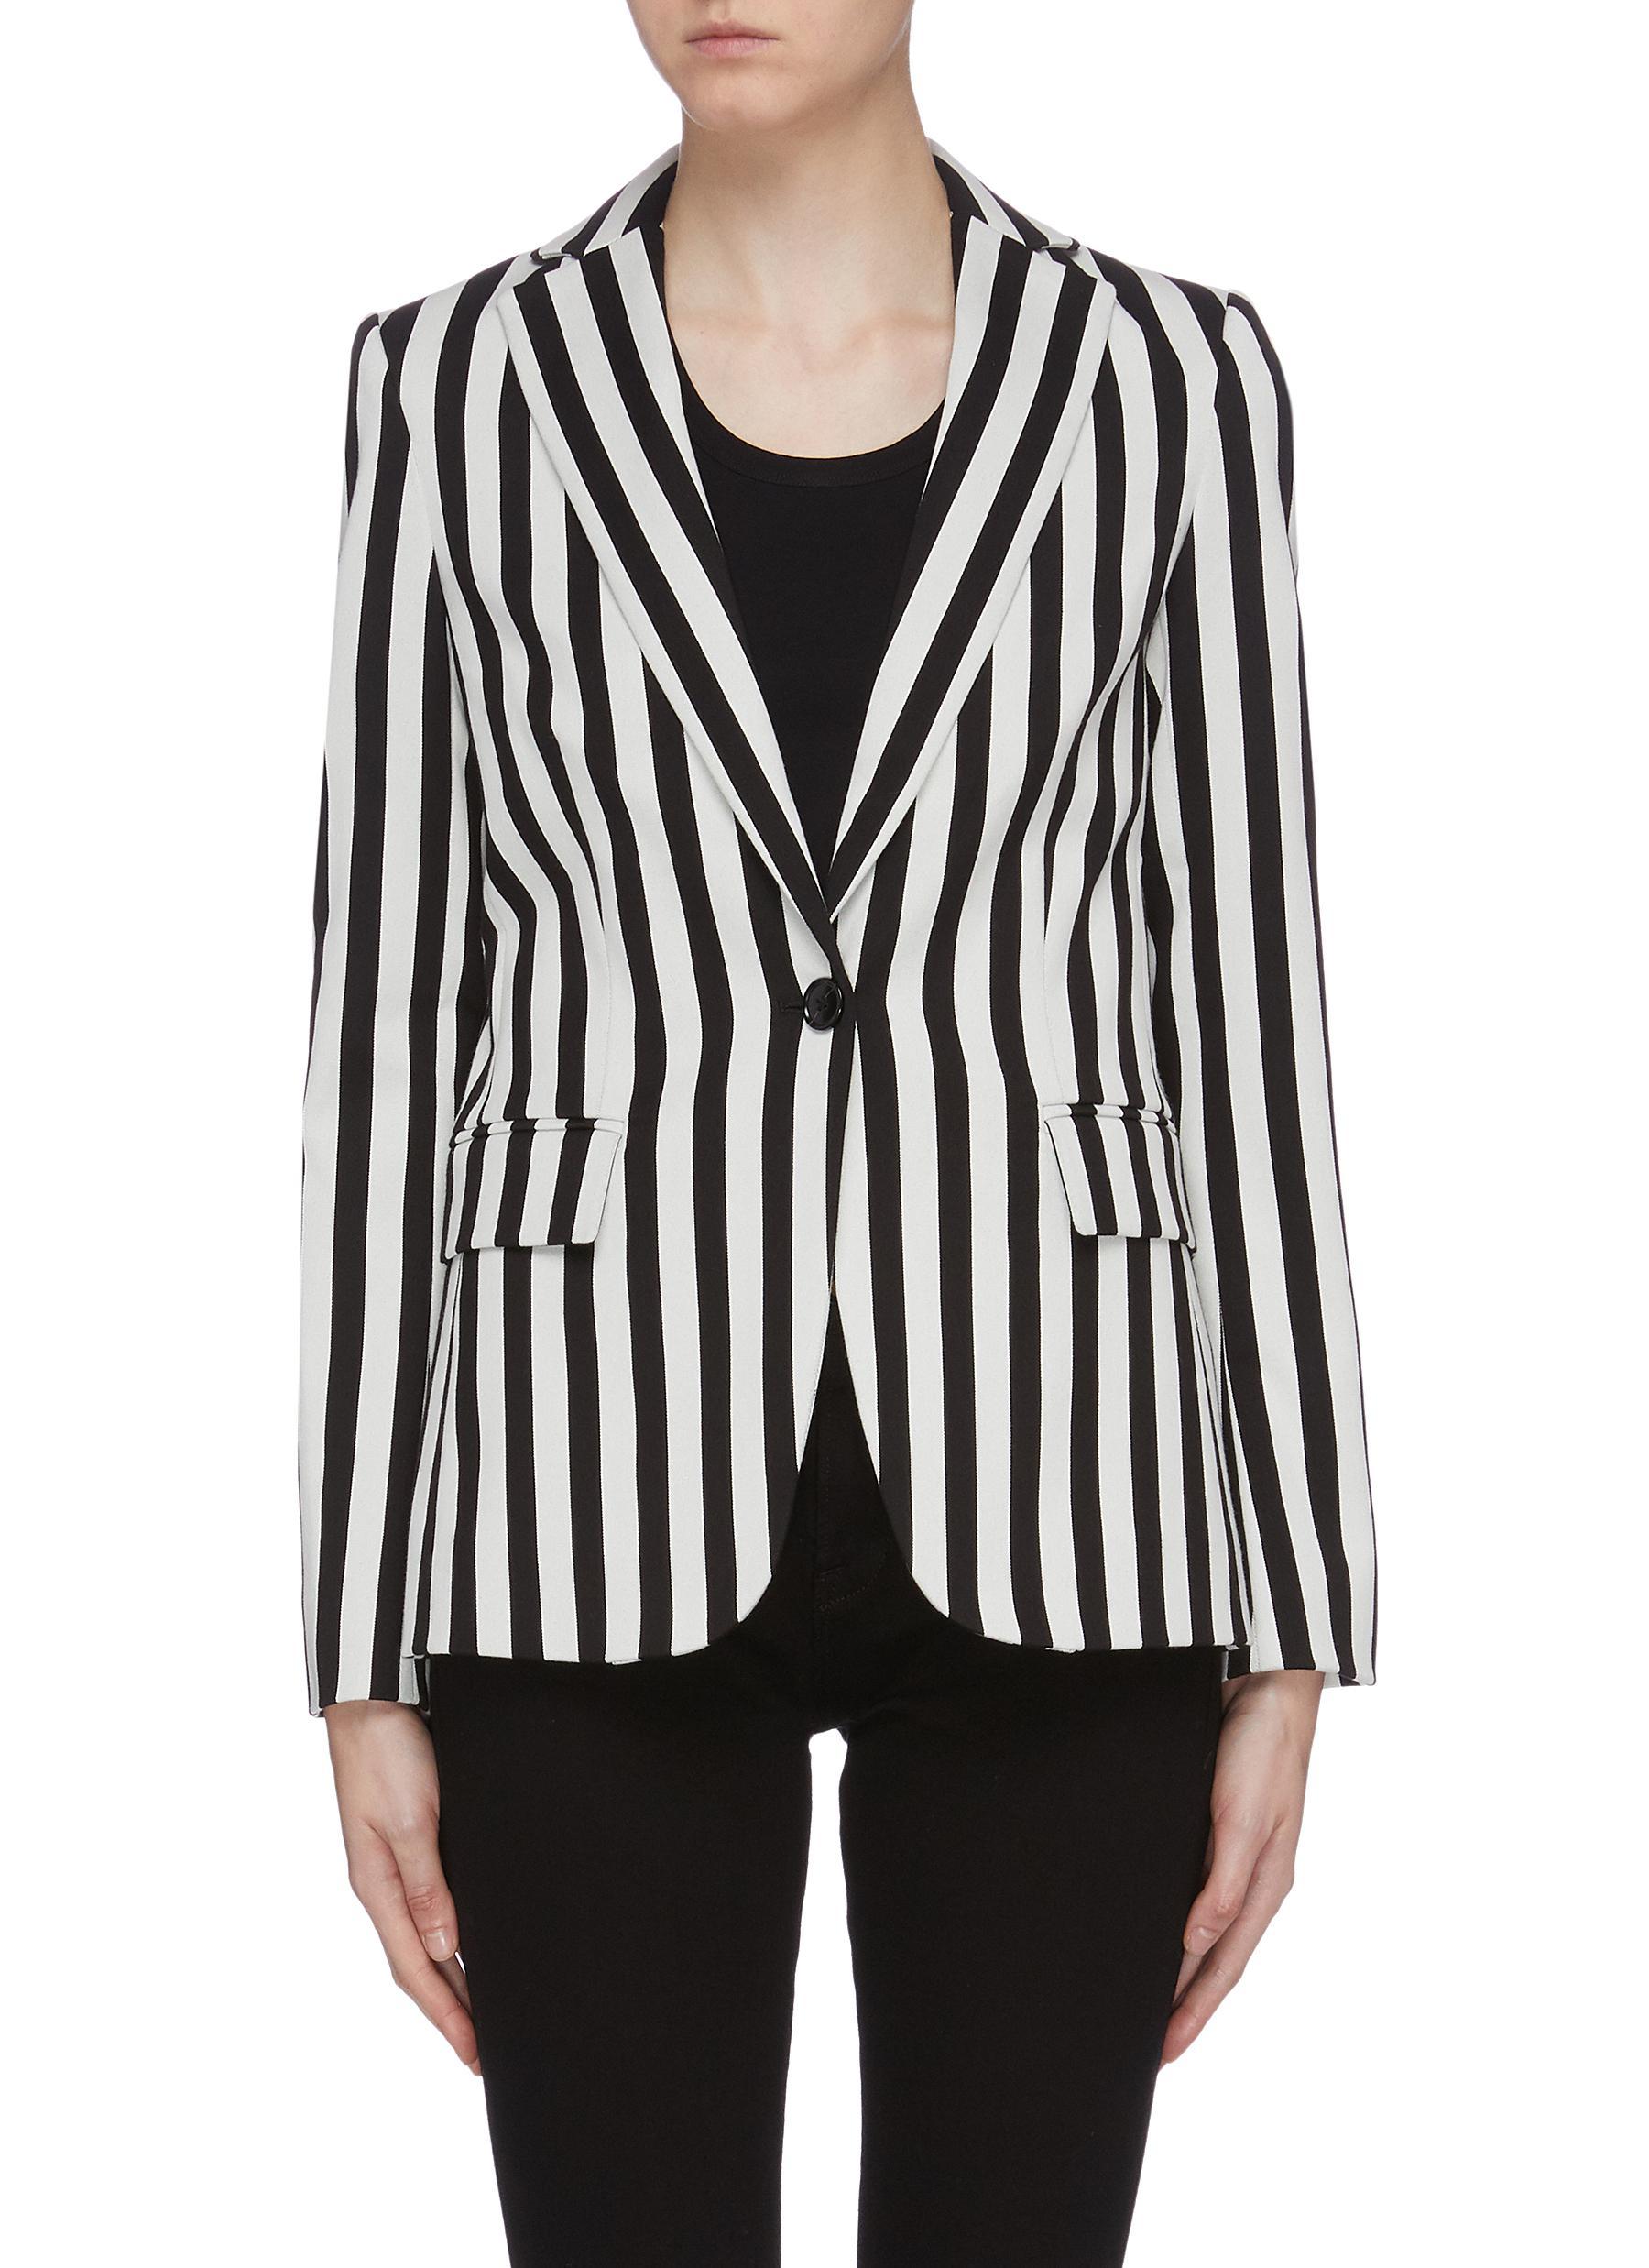 Classic stripe oversized blazer by Frame Denim